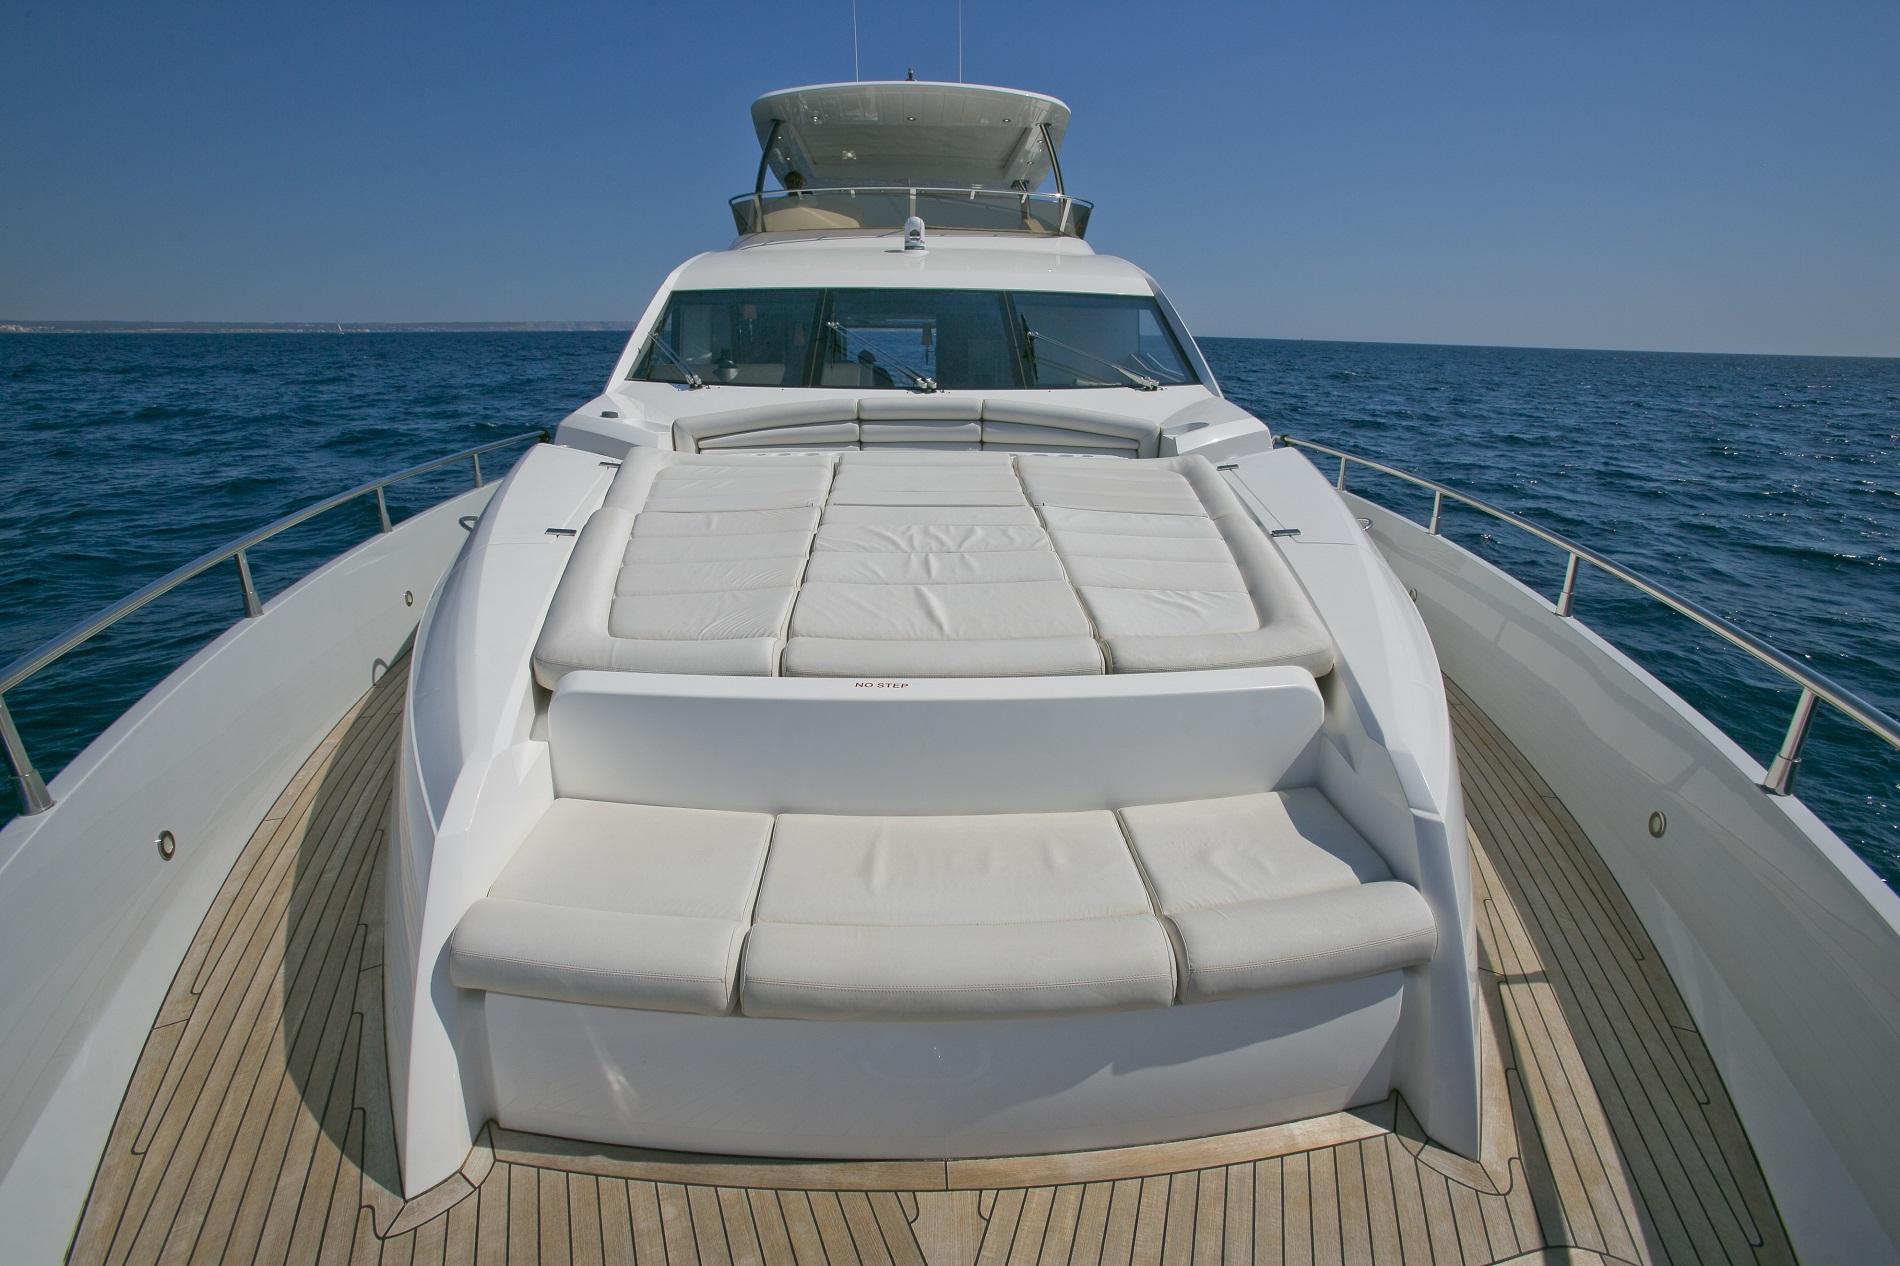 Sunseeker yacht 73M - Foredeck sunpads